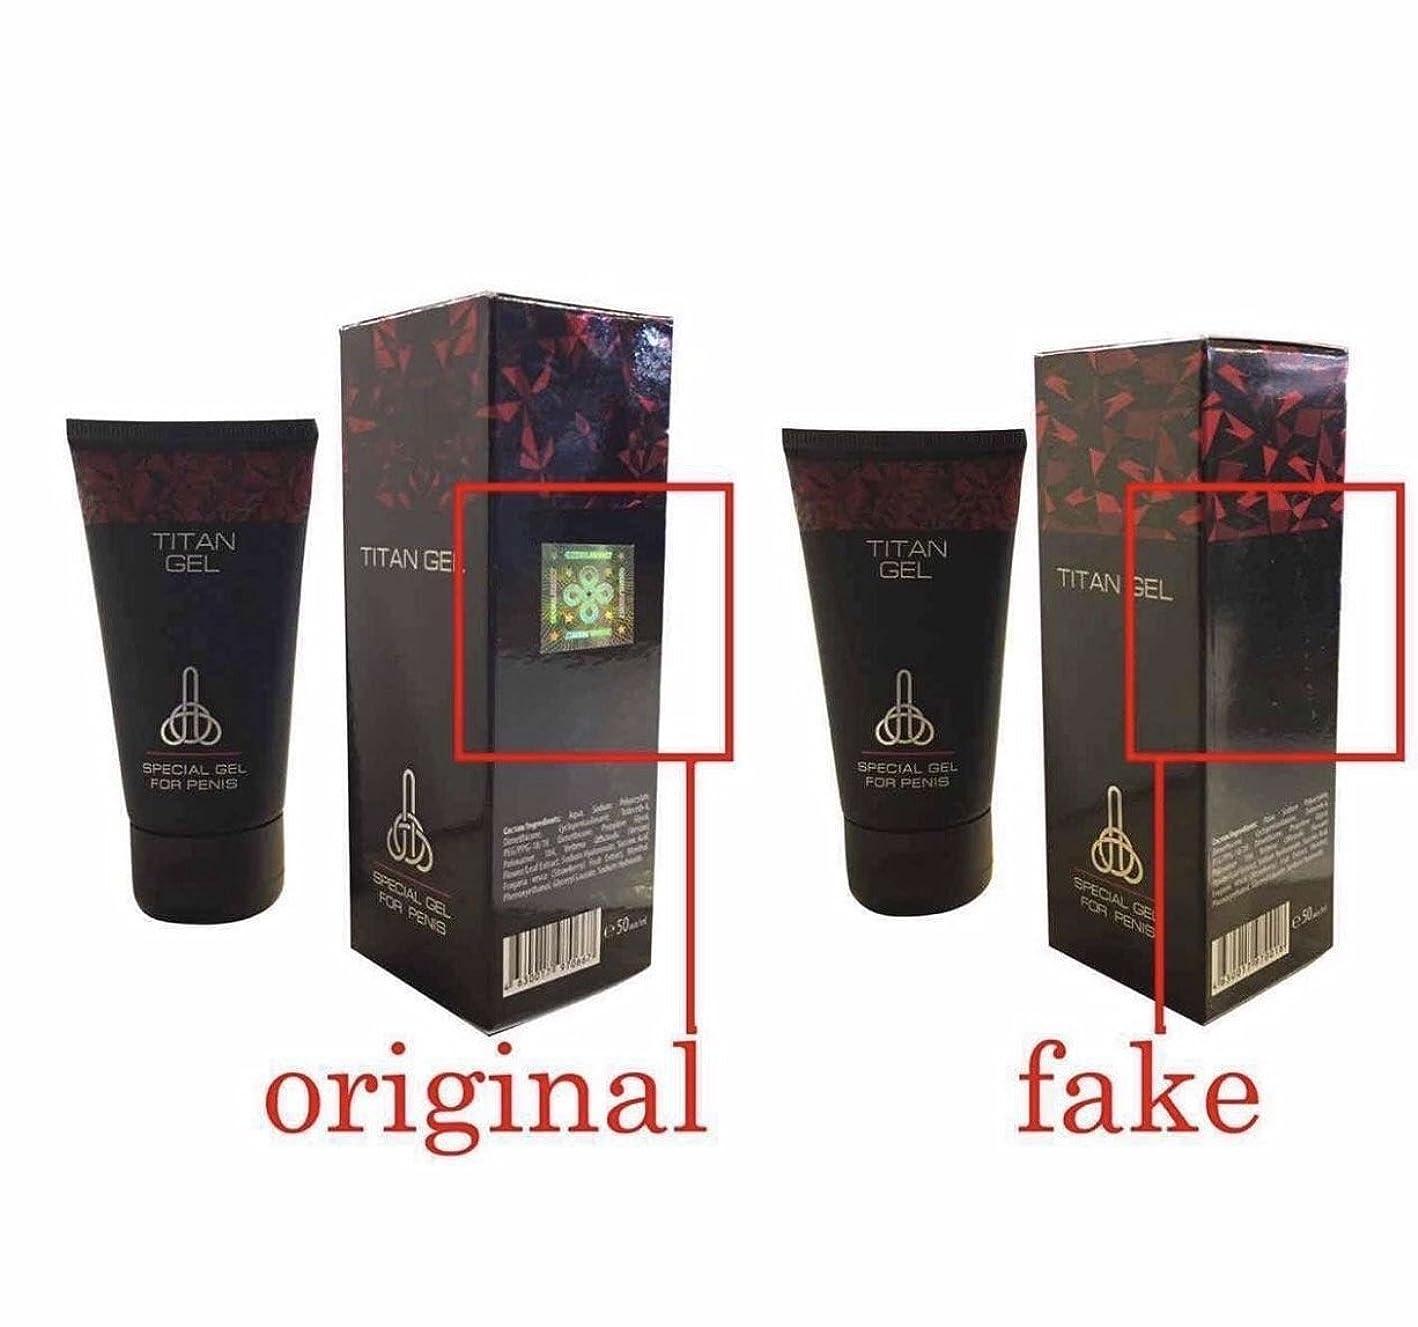 ナラーバーピッチャーきらめきタイタンジェル Titan gel 50ml 2箱セット 日本語説明付き [並行輸入品]